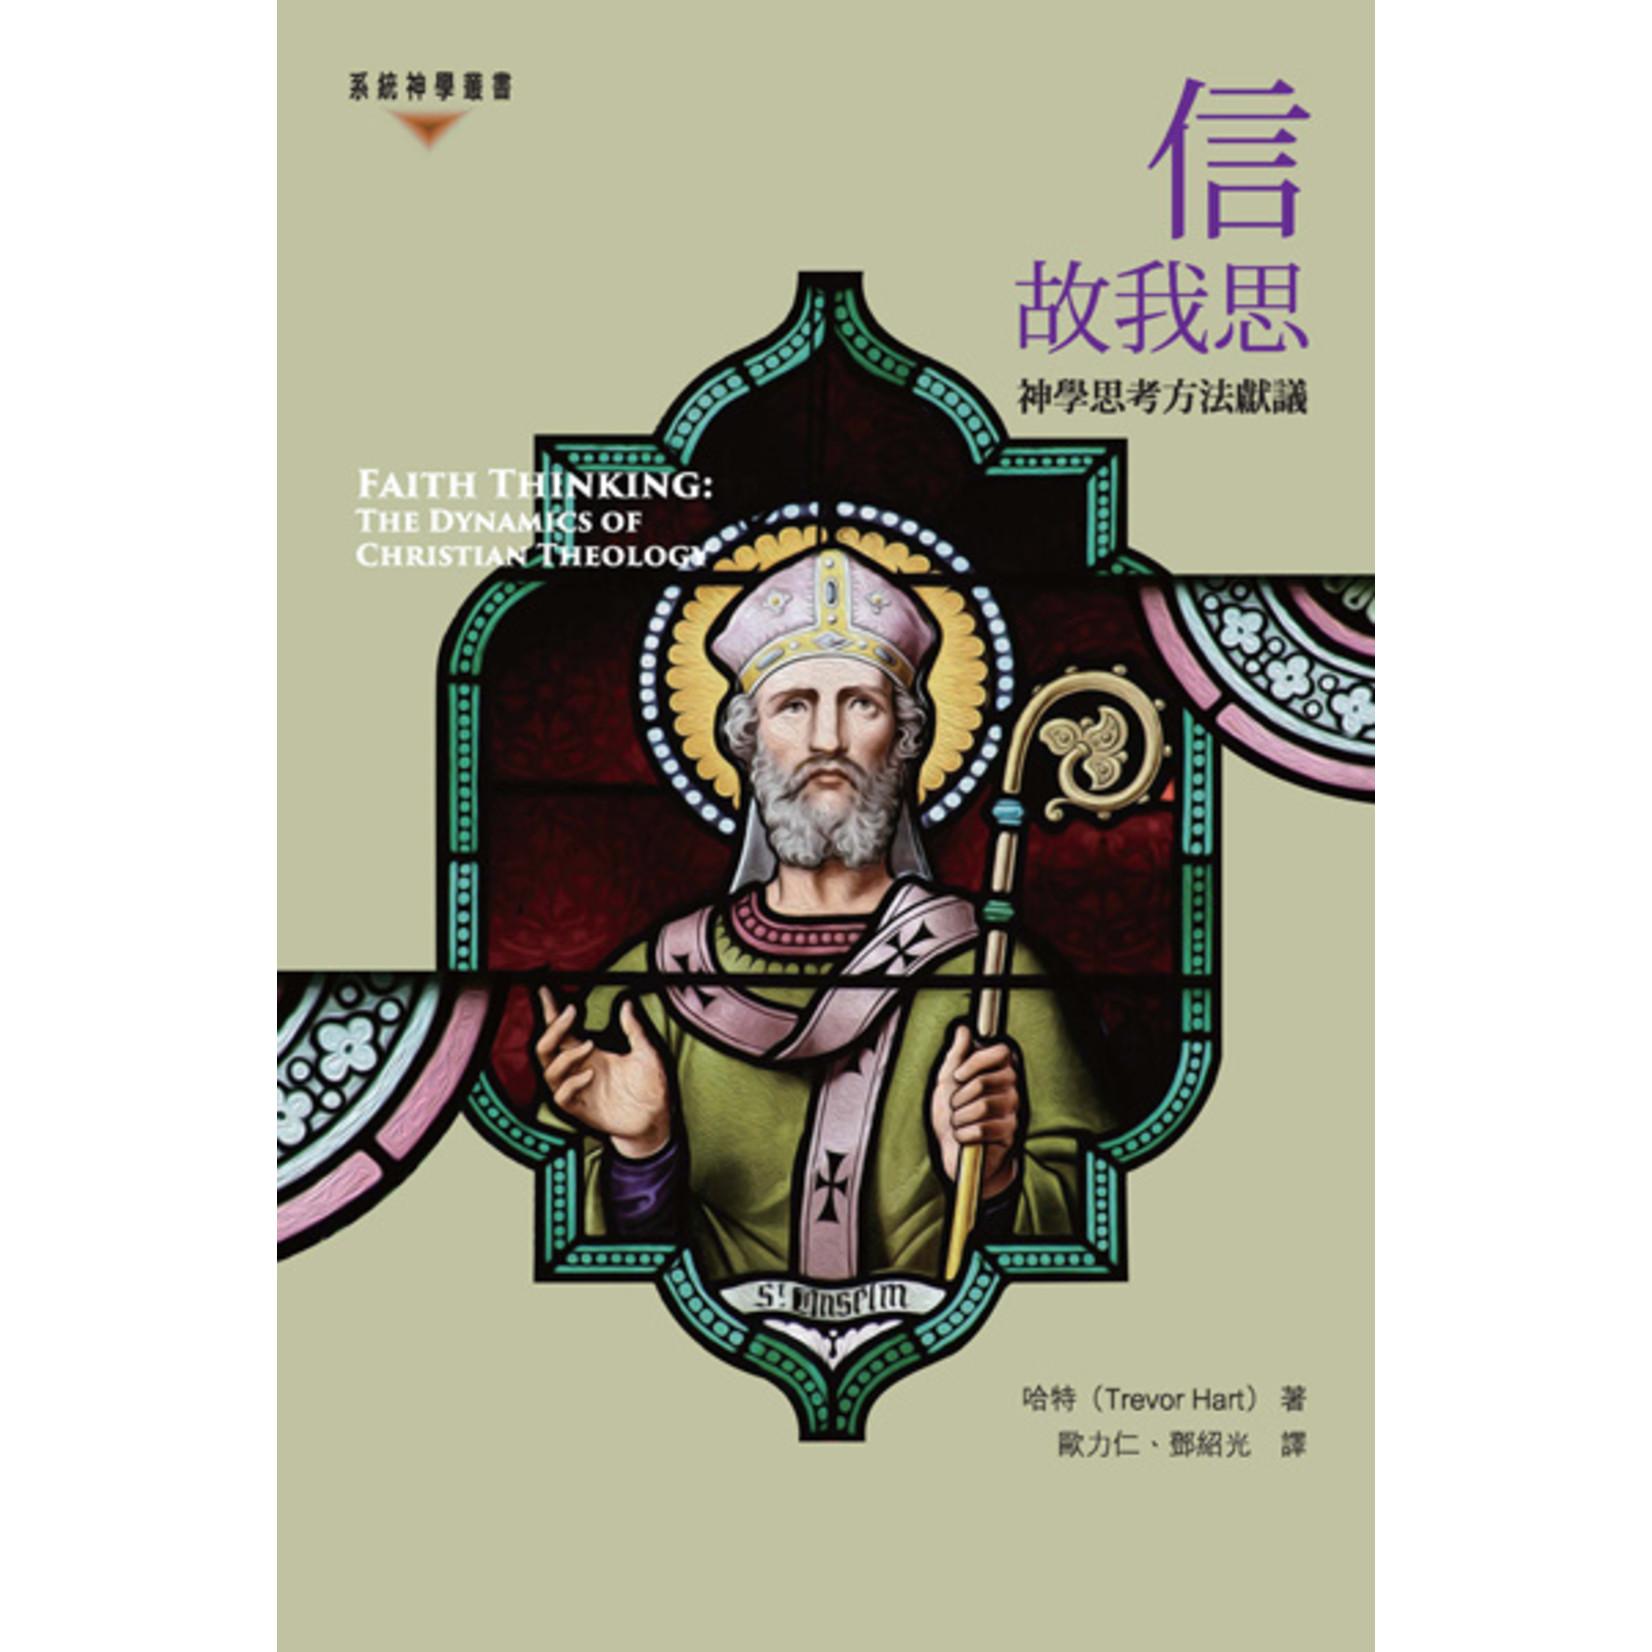 基道 Logos Book House 信故我思:神學思考方法獻議 Faith Thinking: The Dynamics of Christian Theology